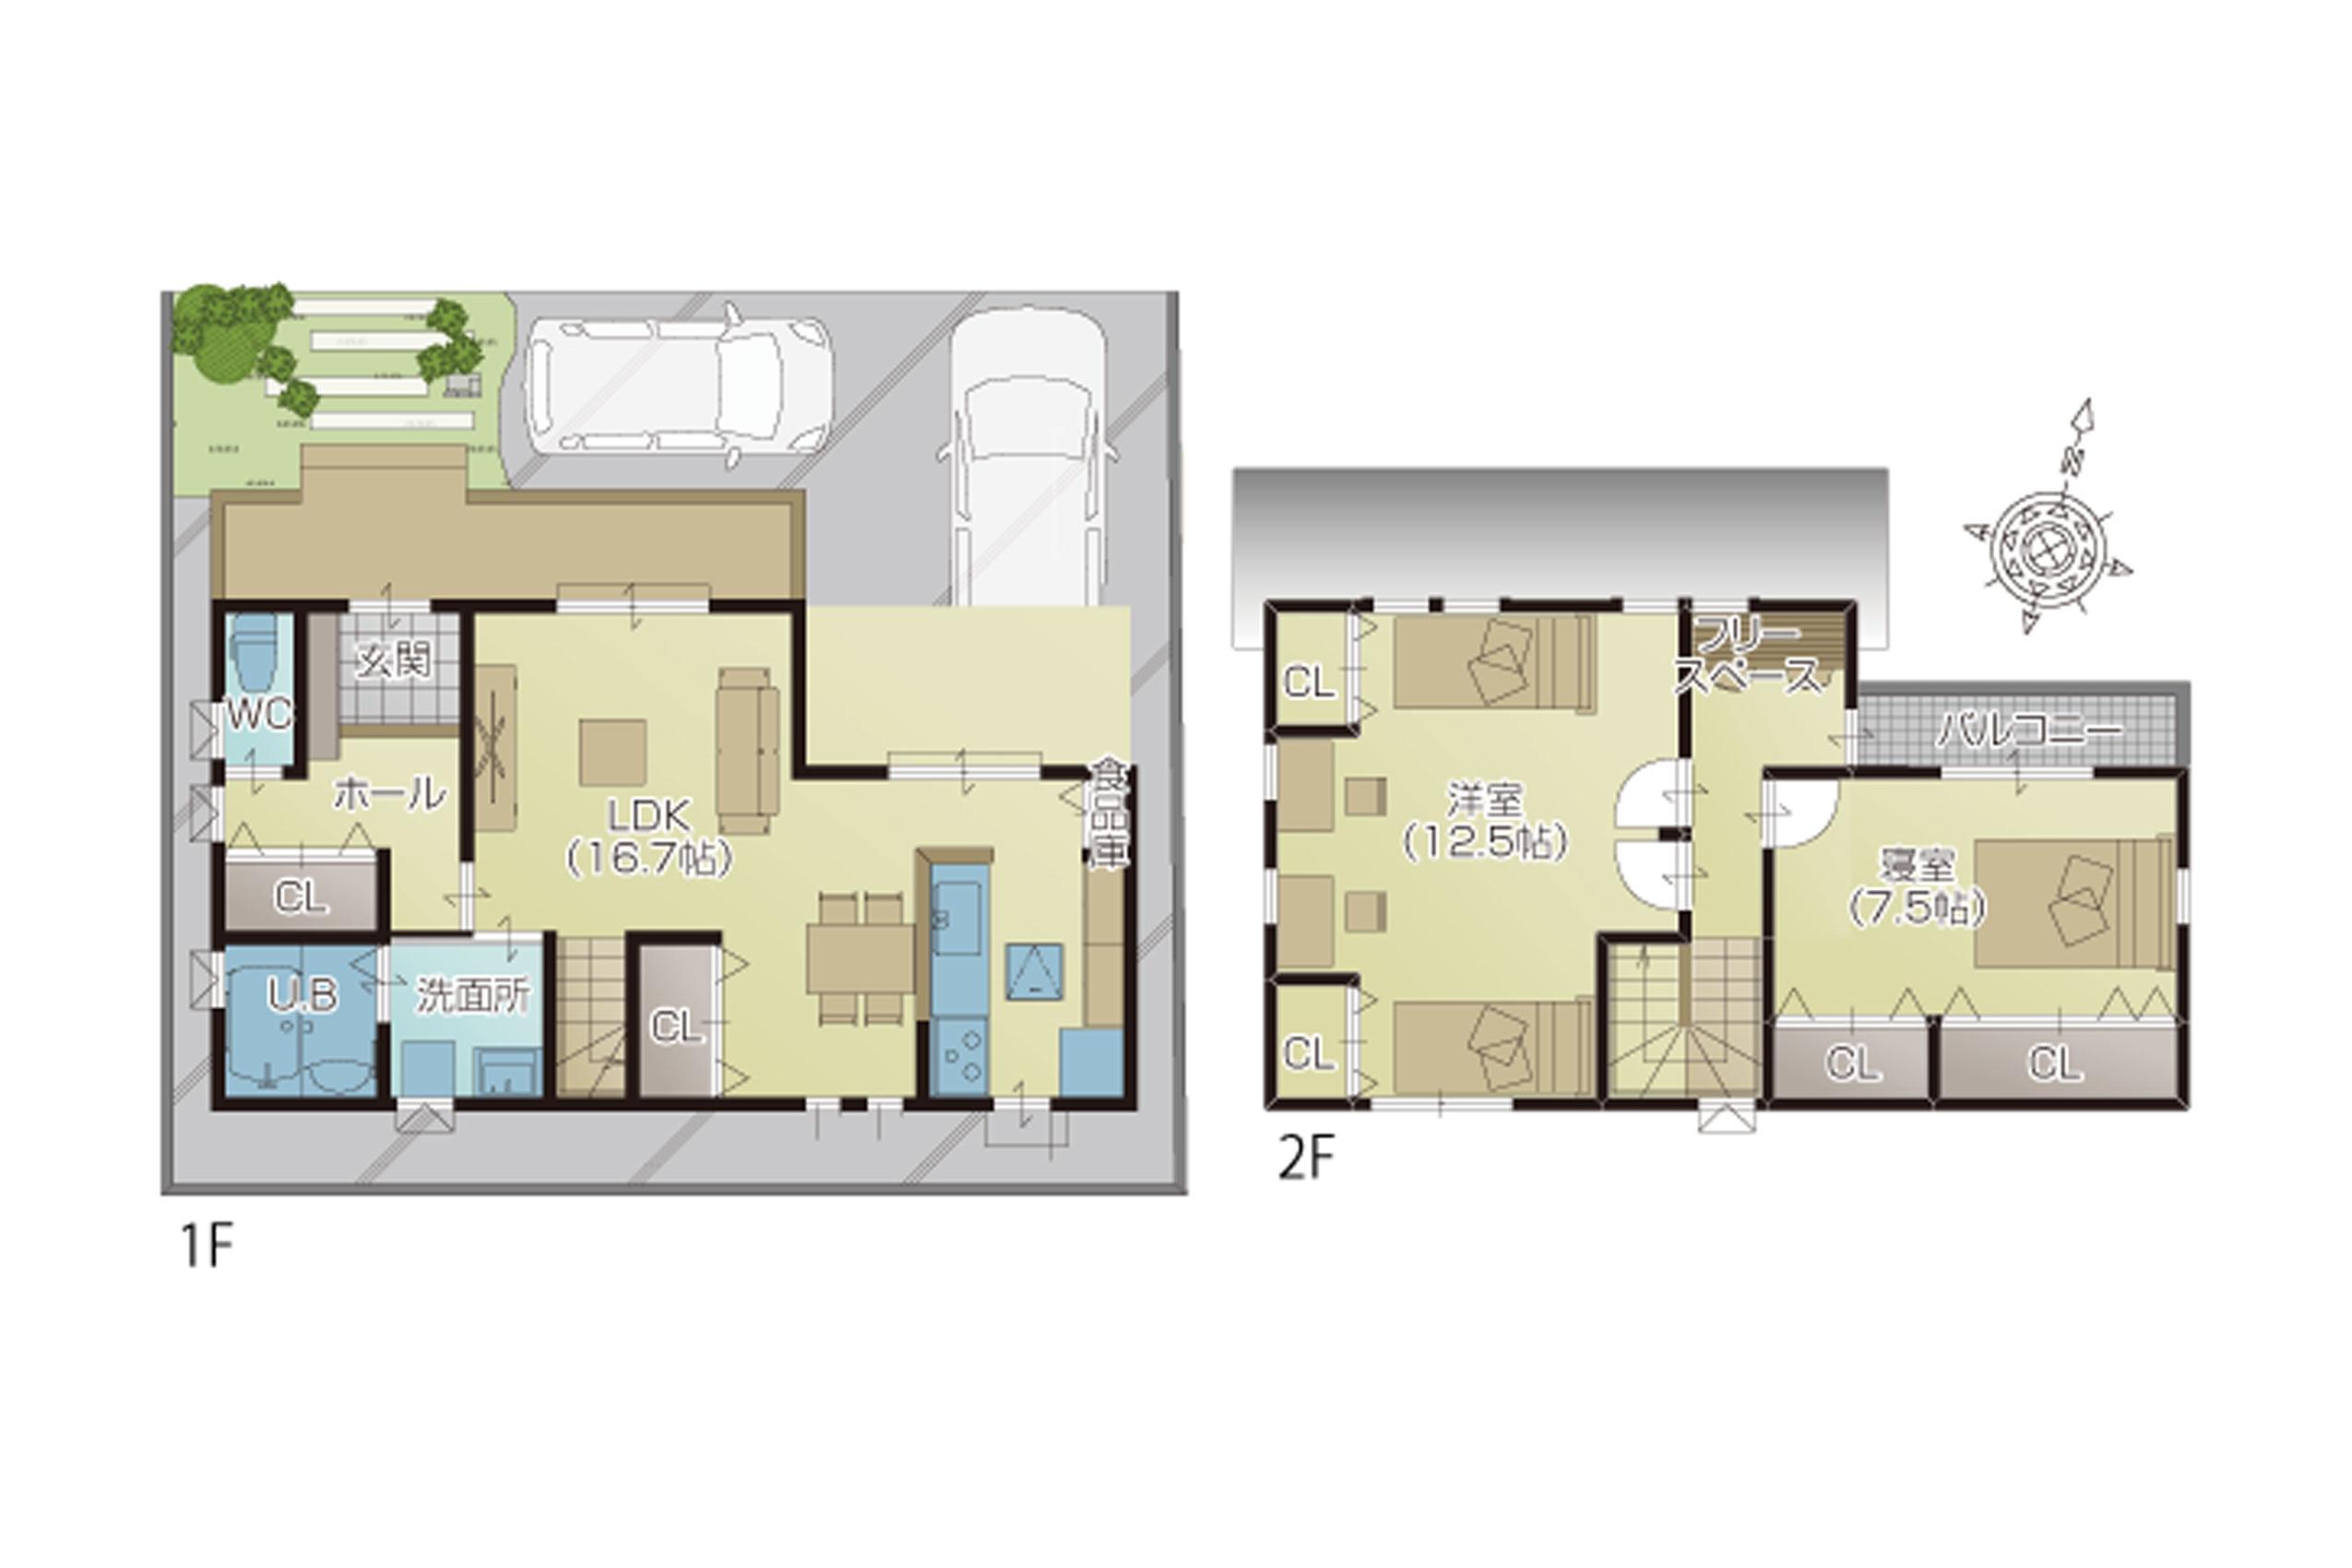 湊モデルハウス『カルフォルニアスタイルの家』